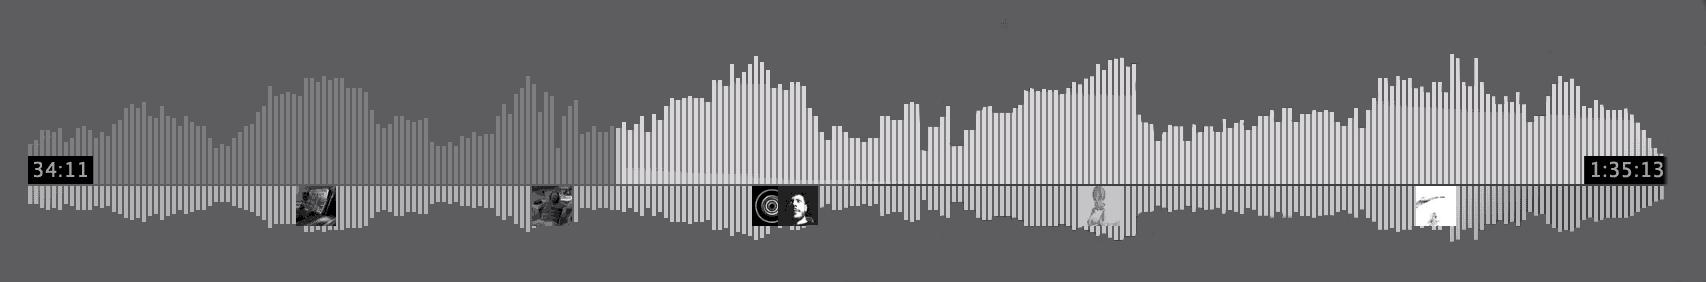 Music Vs Morals: Con